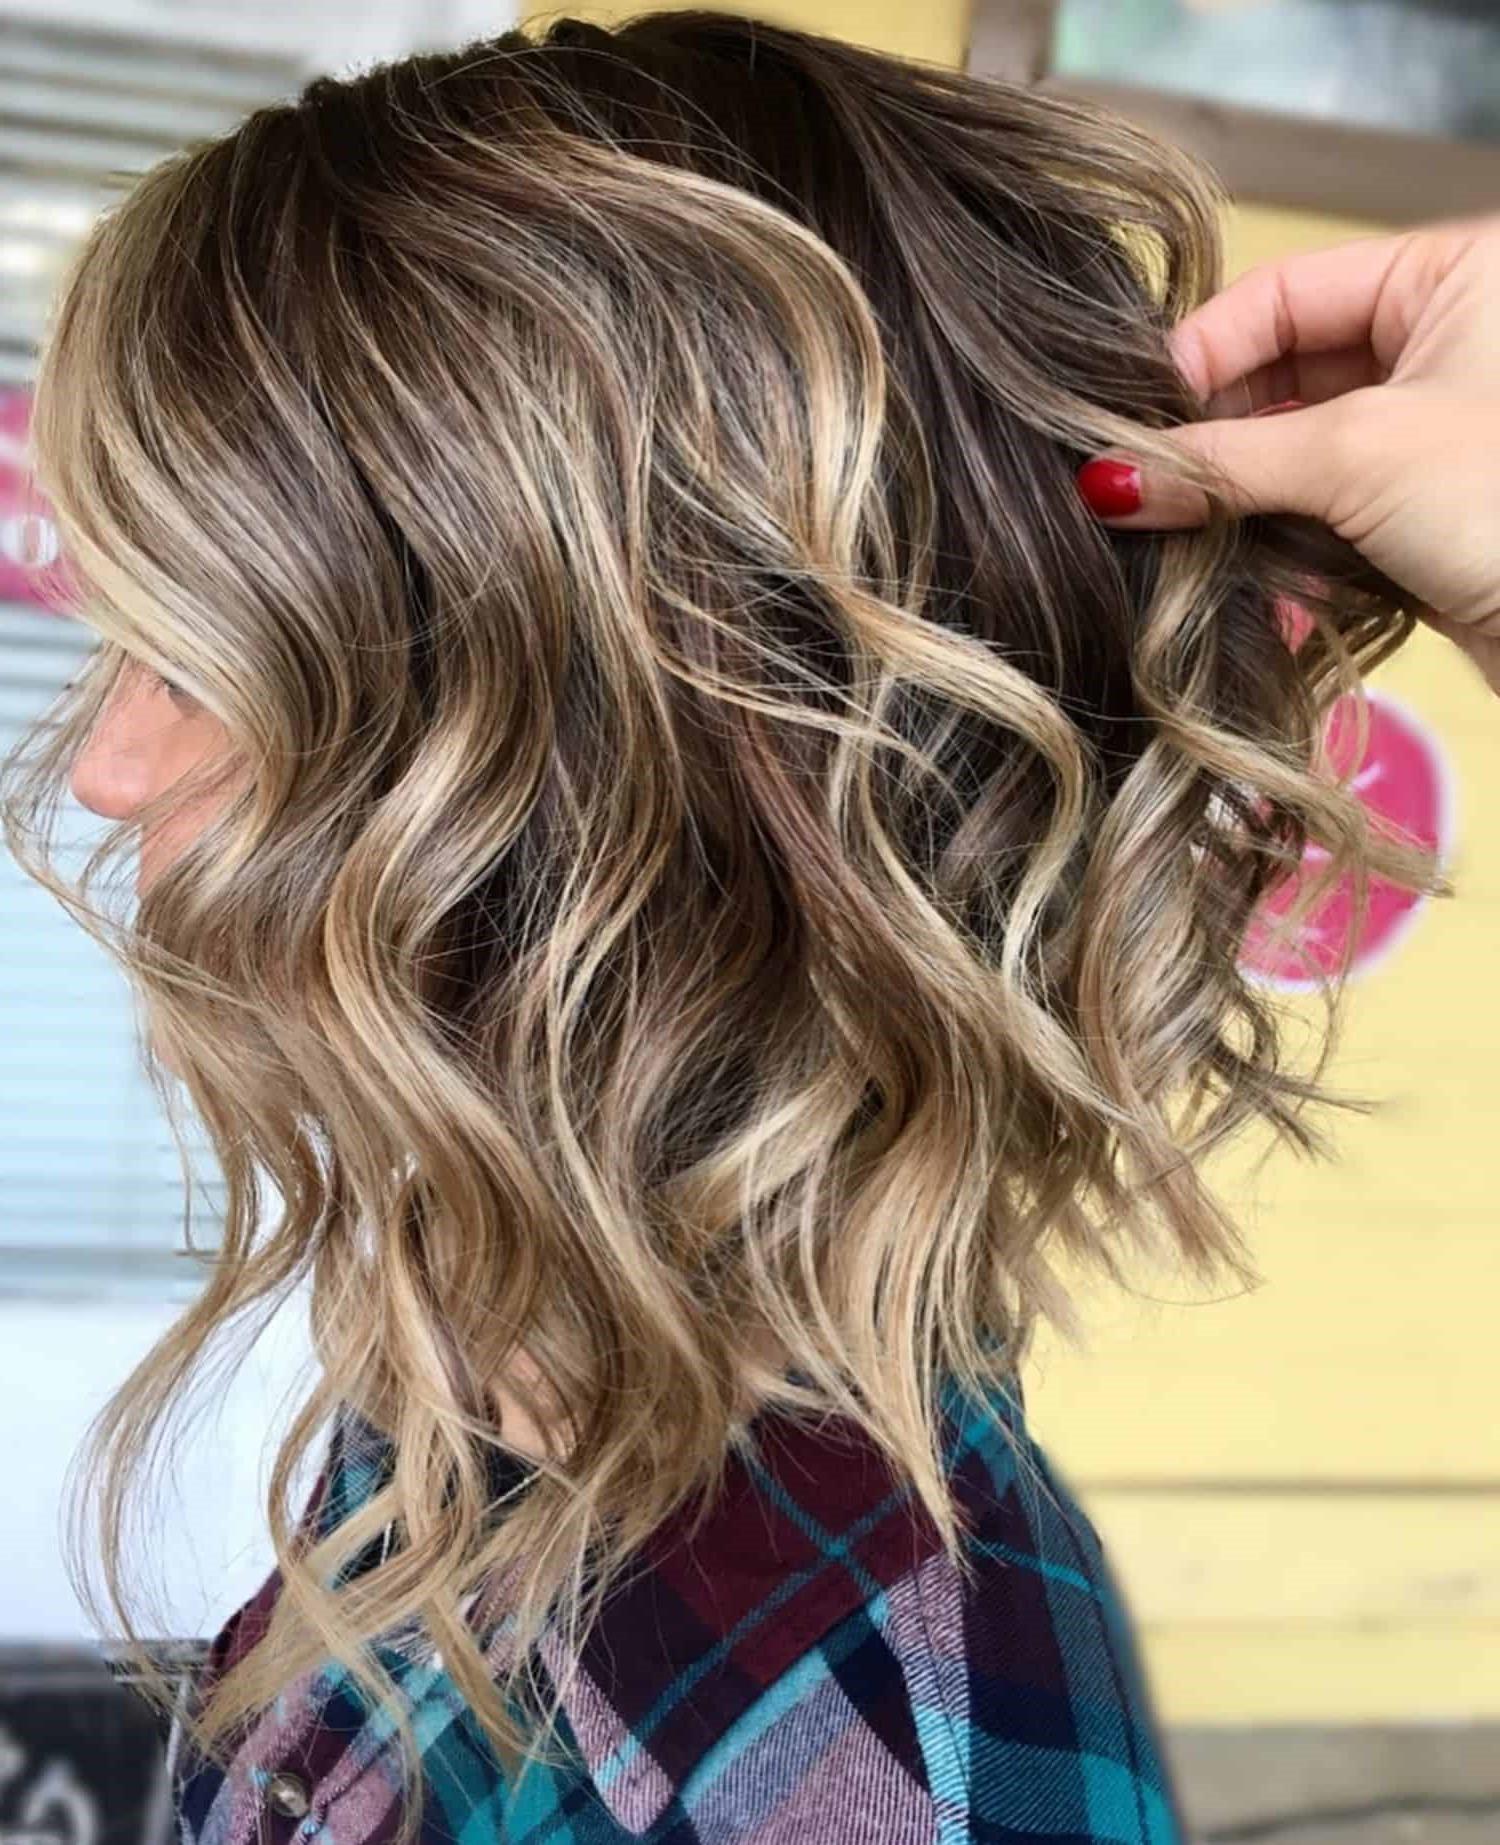 Carré plongeant long 2020: la coiffure qui convient à chaque type et forme de visage - Coiffures ...